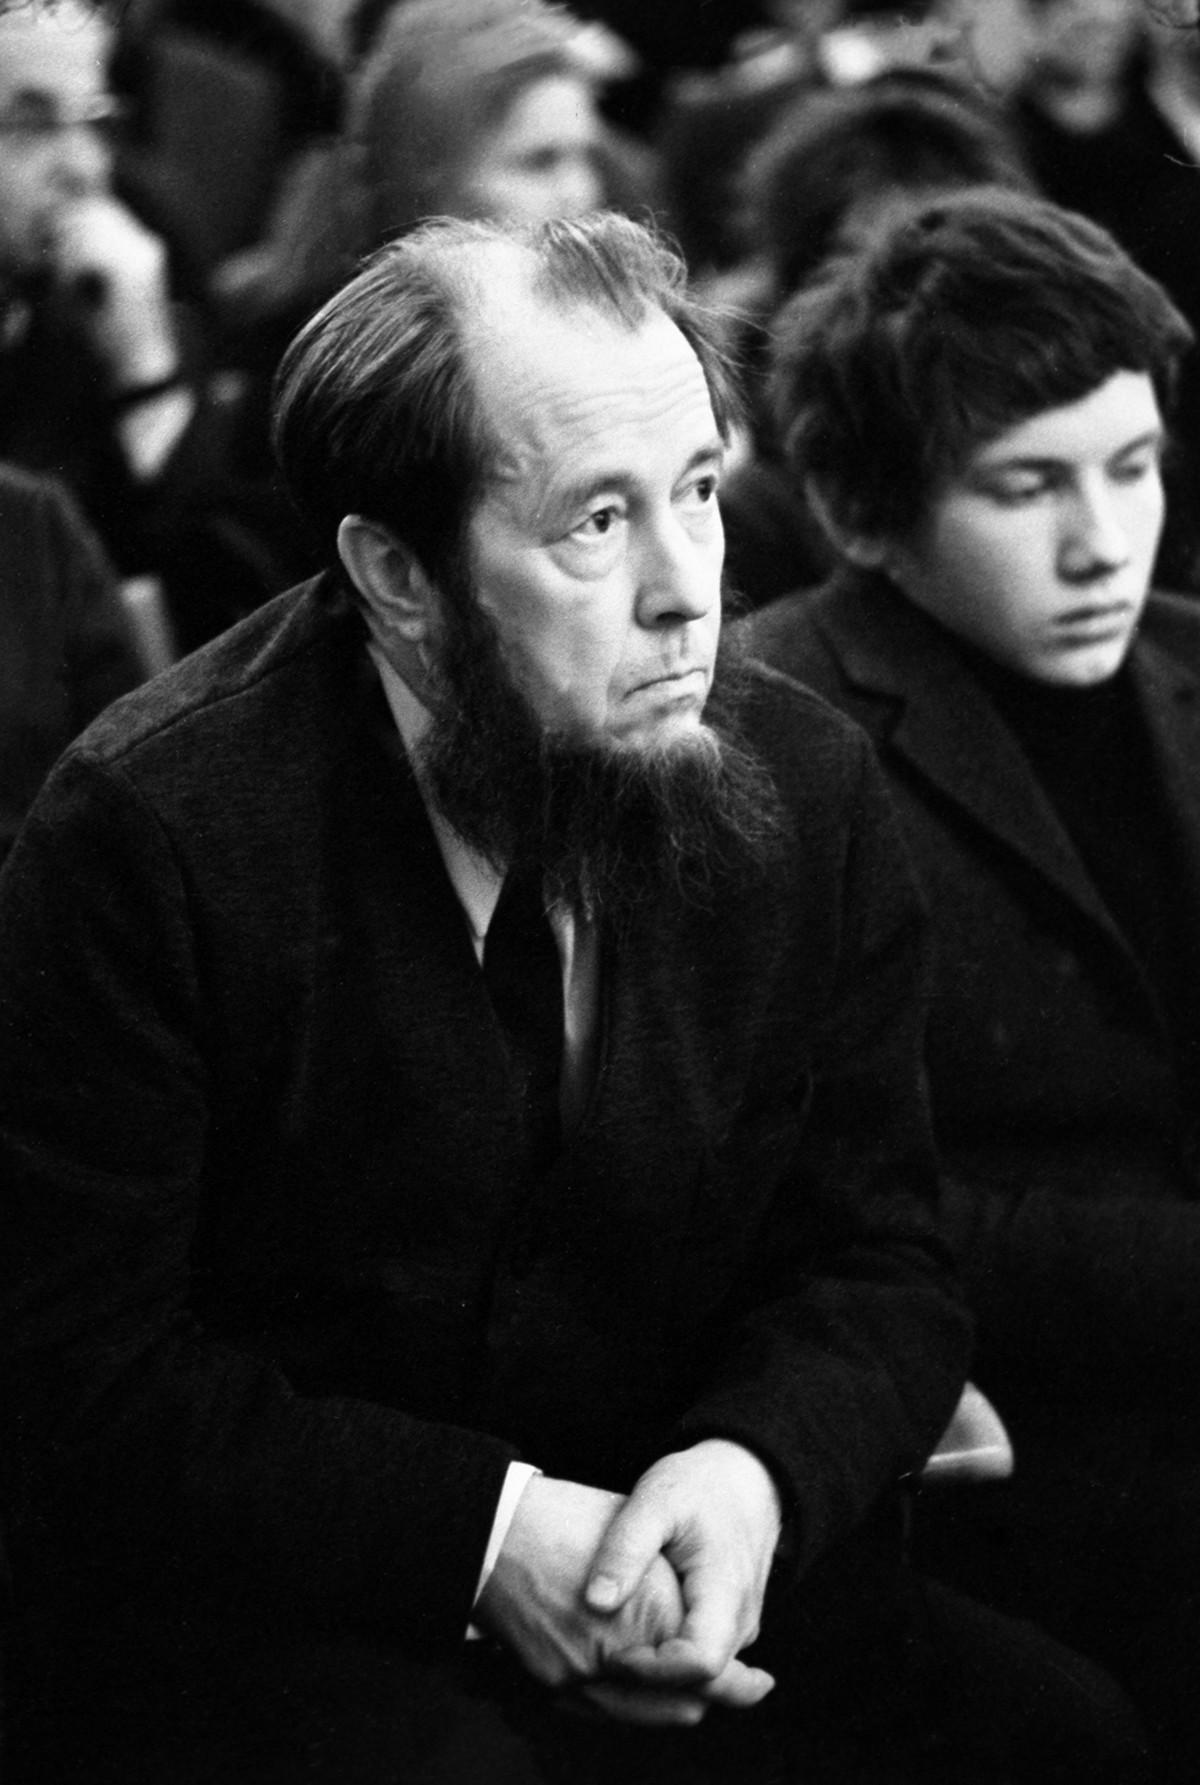 Alexandre Soljenitsyne, l'un des écrivains dissidents les plus célèbres de l'URSS. Il a été le premier à avoir vu son livre parlant du Goulag être autorisé dans le pays. En 1970, il est devenu lauréat du Prix Nobel, puis, quatre ans plus tard, il sera obligé de quitter l'URSS.